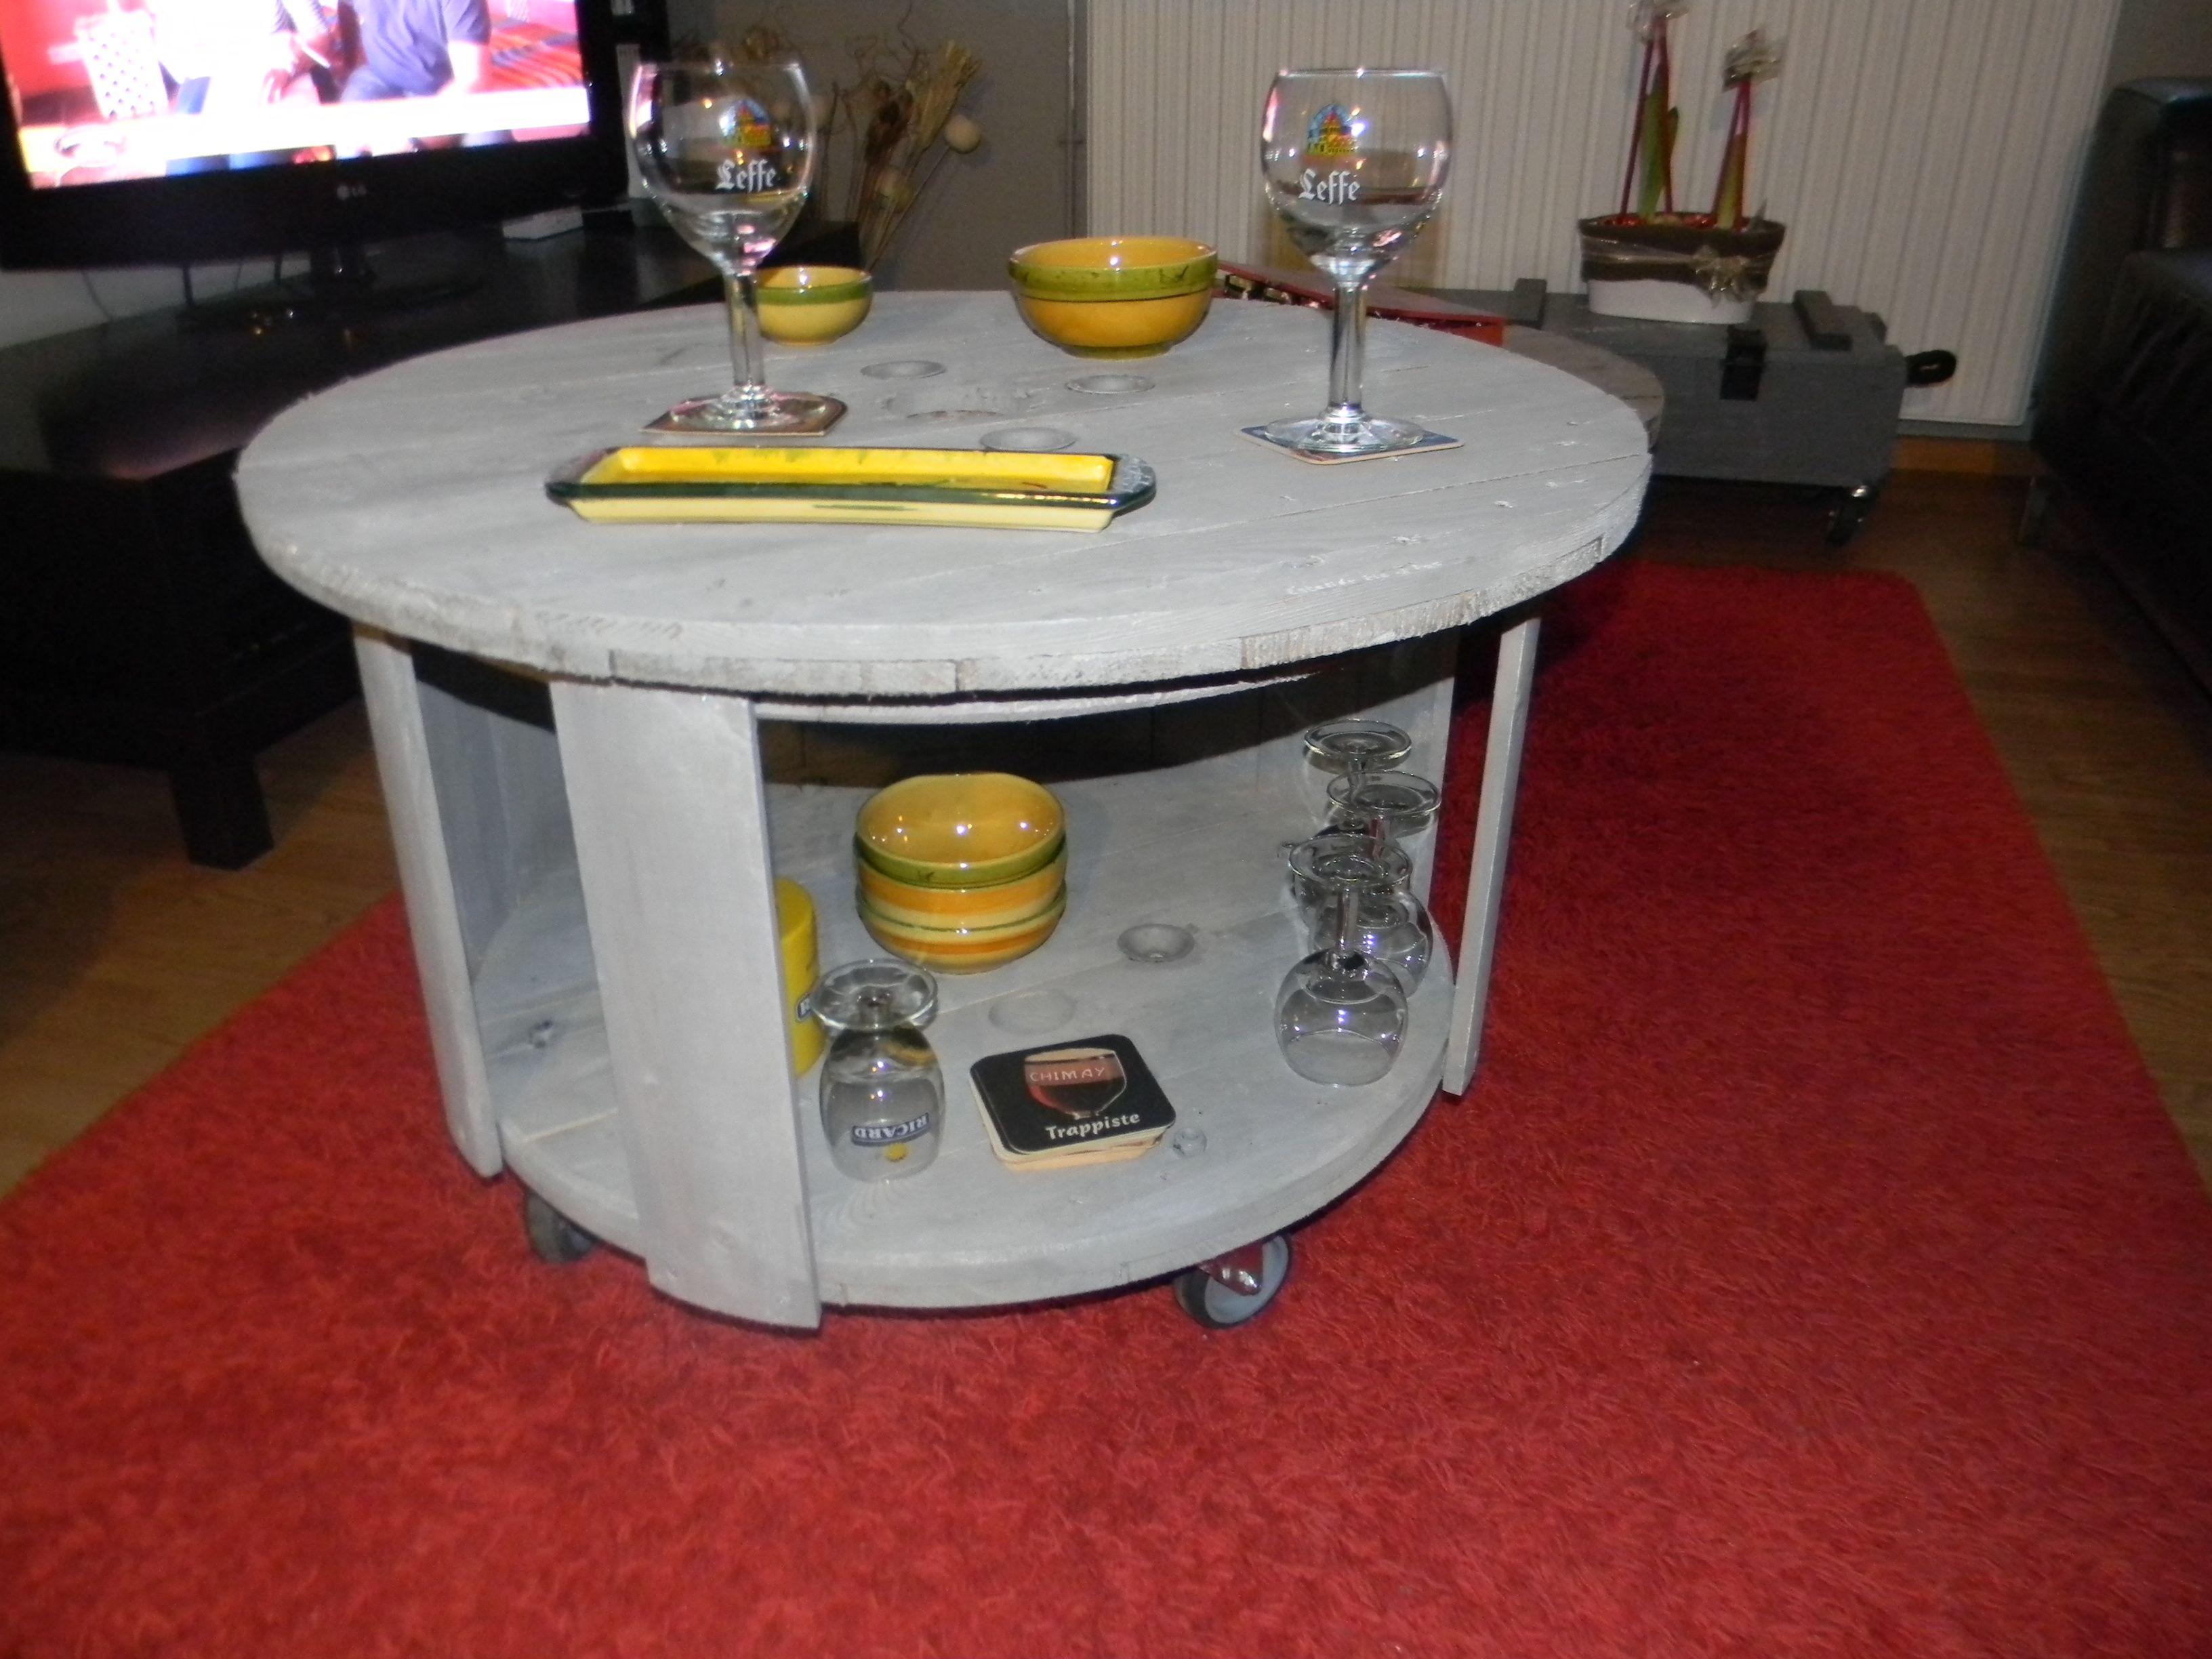 table basse mini bar sur roulettes fait a partir d un. Black Bedroom Furniture Sets. Home Design Ideas